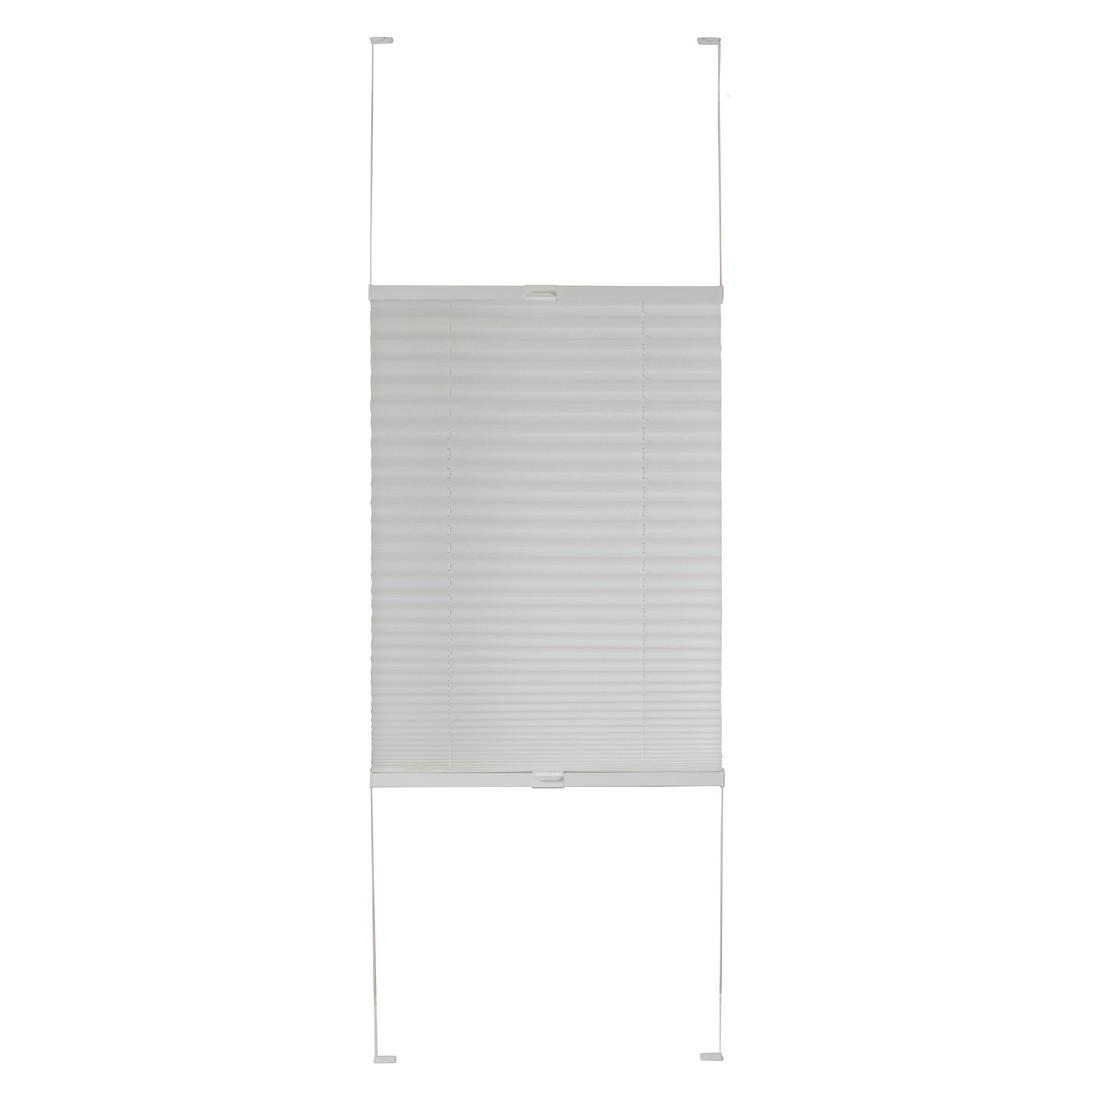 Plissee Tokio (Breite 100-200 cm) – verpannt – Weiß – Breite: 100 cm Höhe: 240 cm, Sandega günstig online kaufen